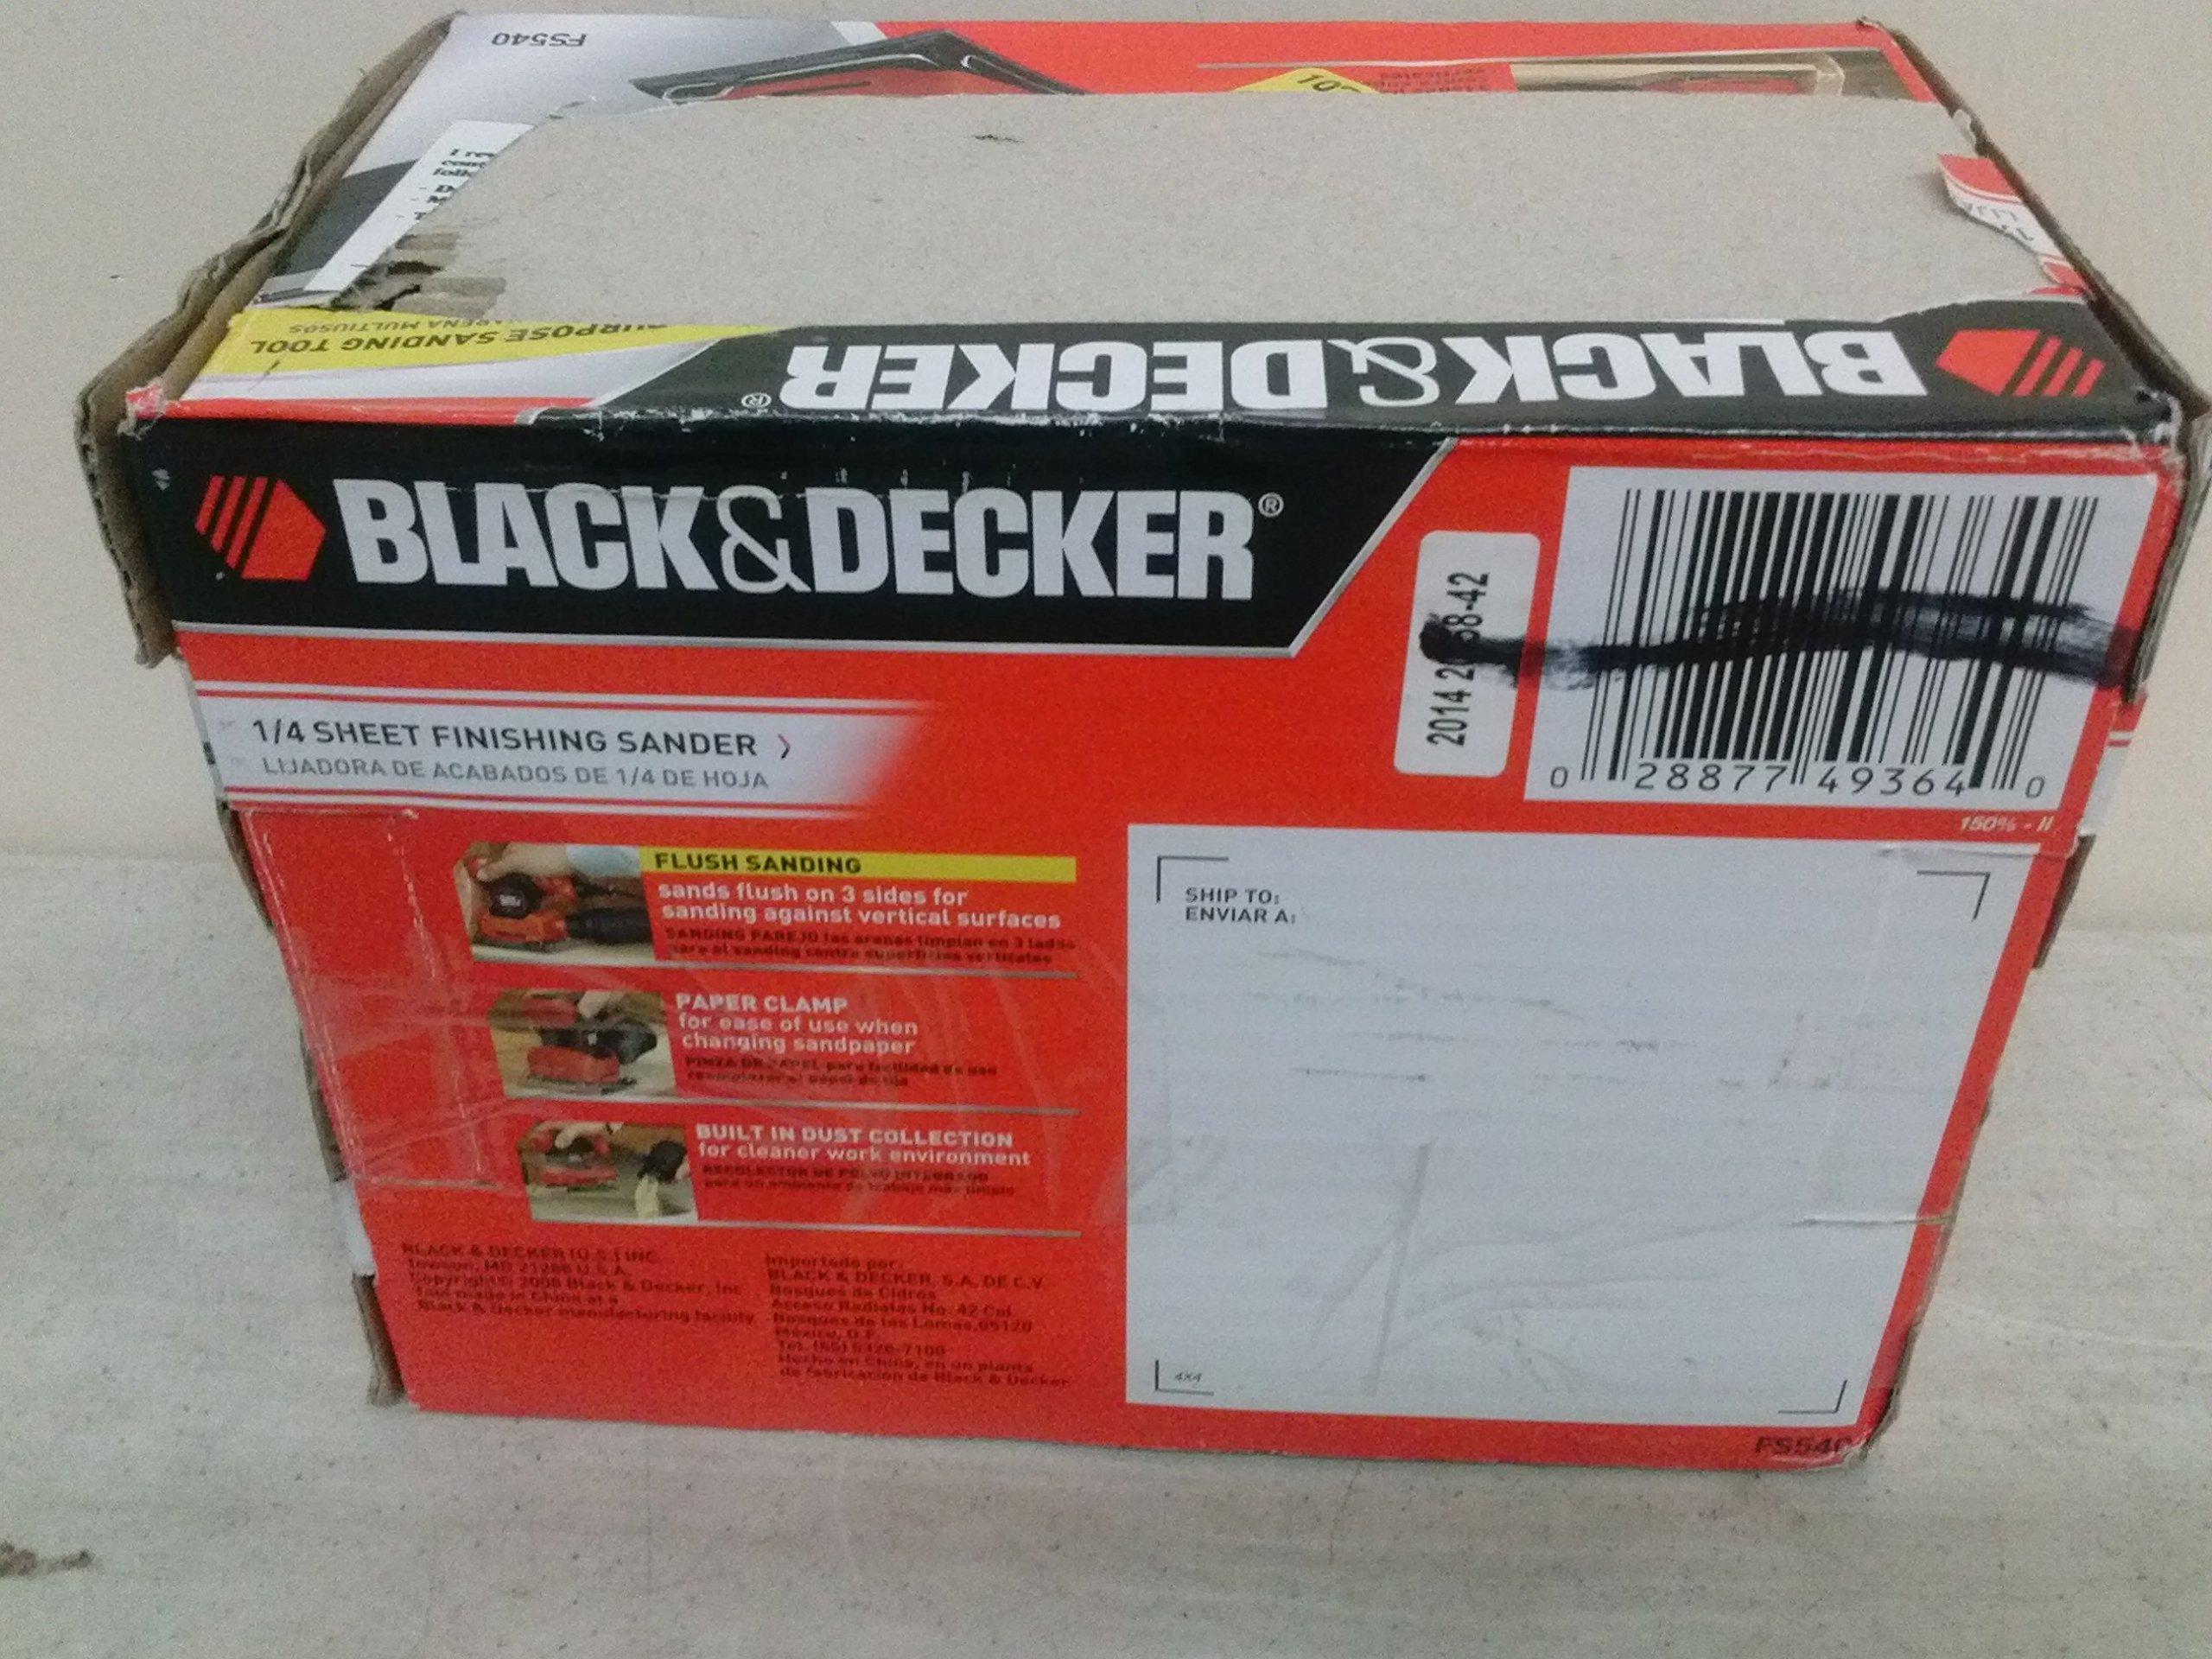 Sheet Finishing Sander Black /& Decker FS540R 1//4 in